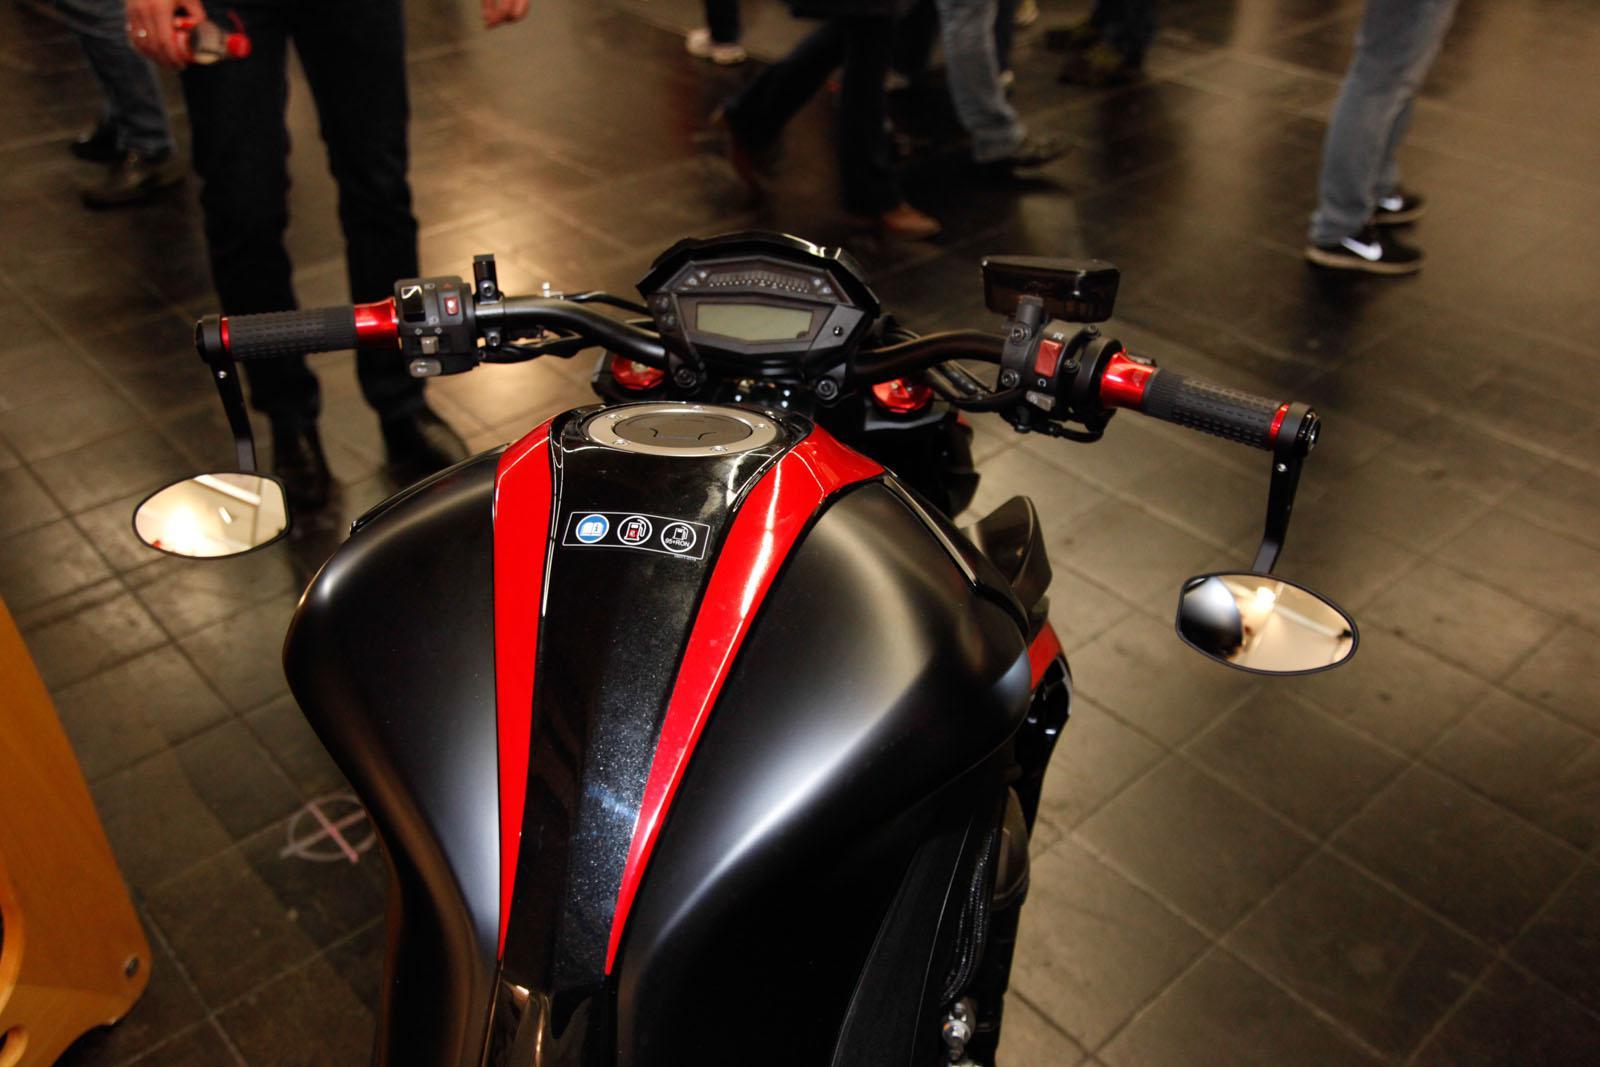 Abm kawasaki z1000 motorrad news for Spiegel unten motorrad